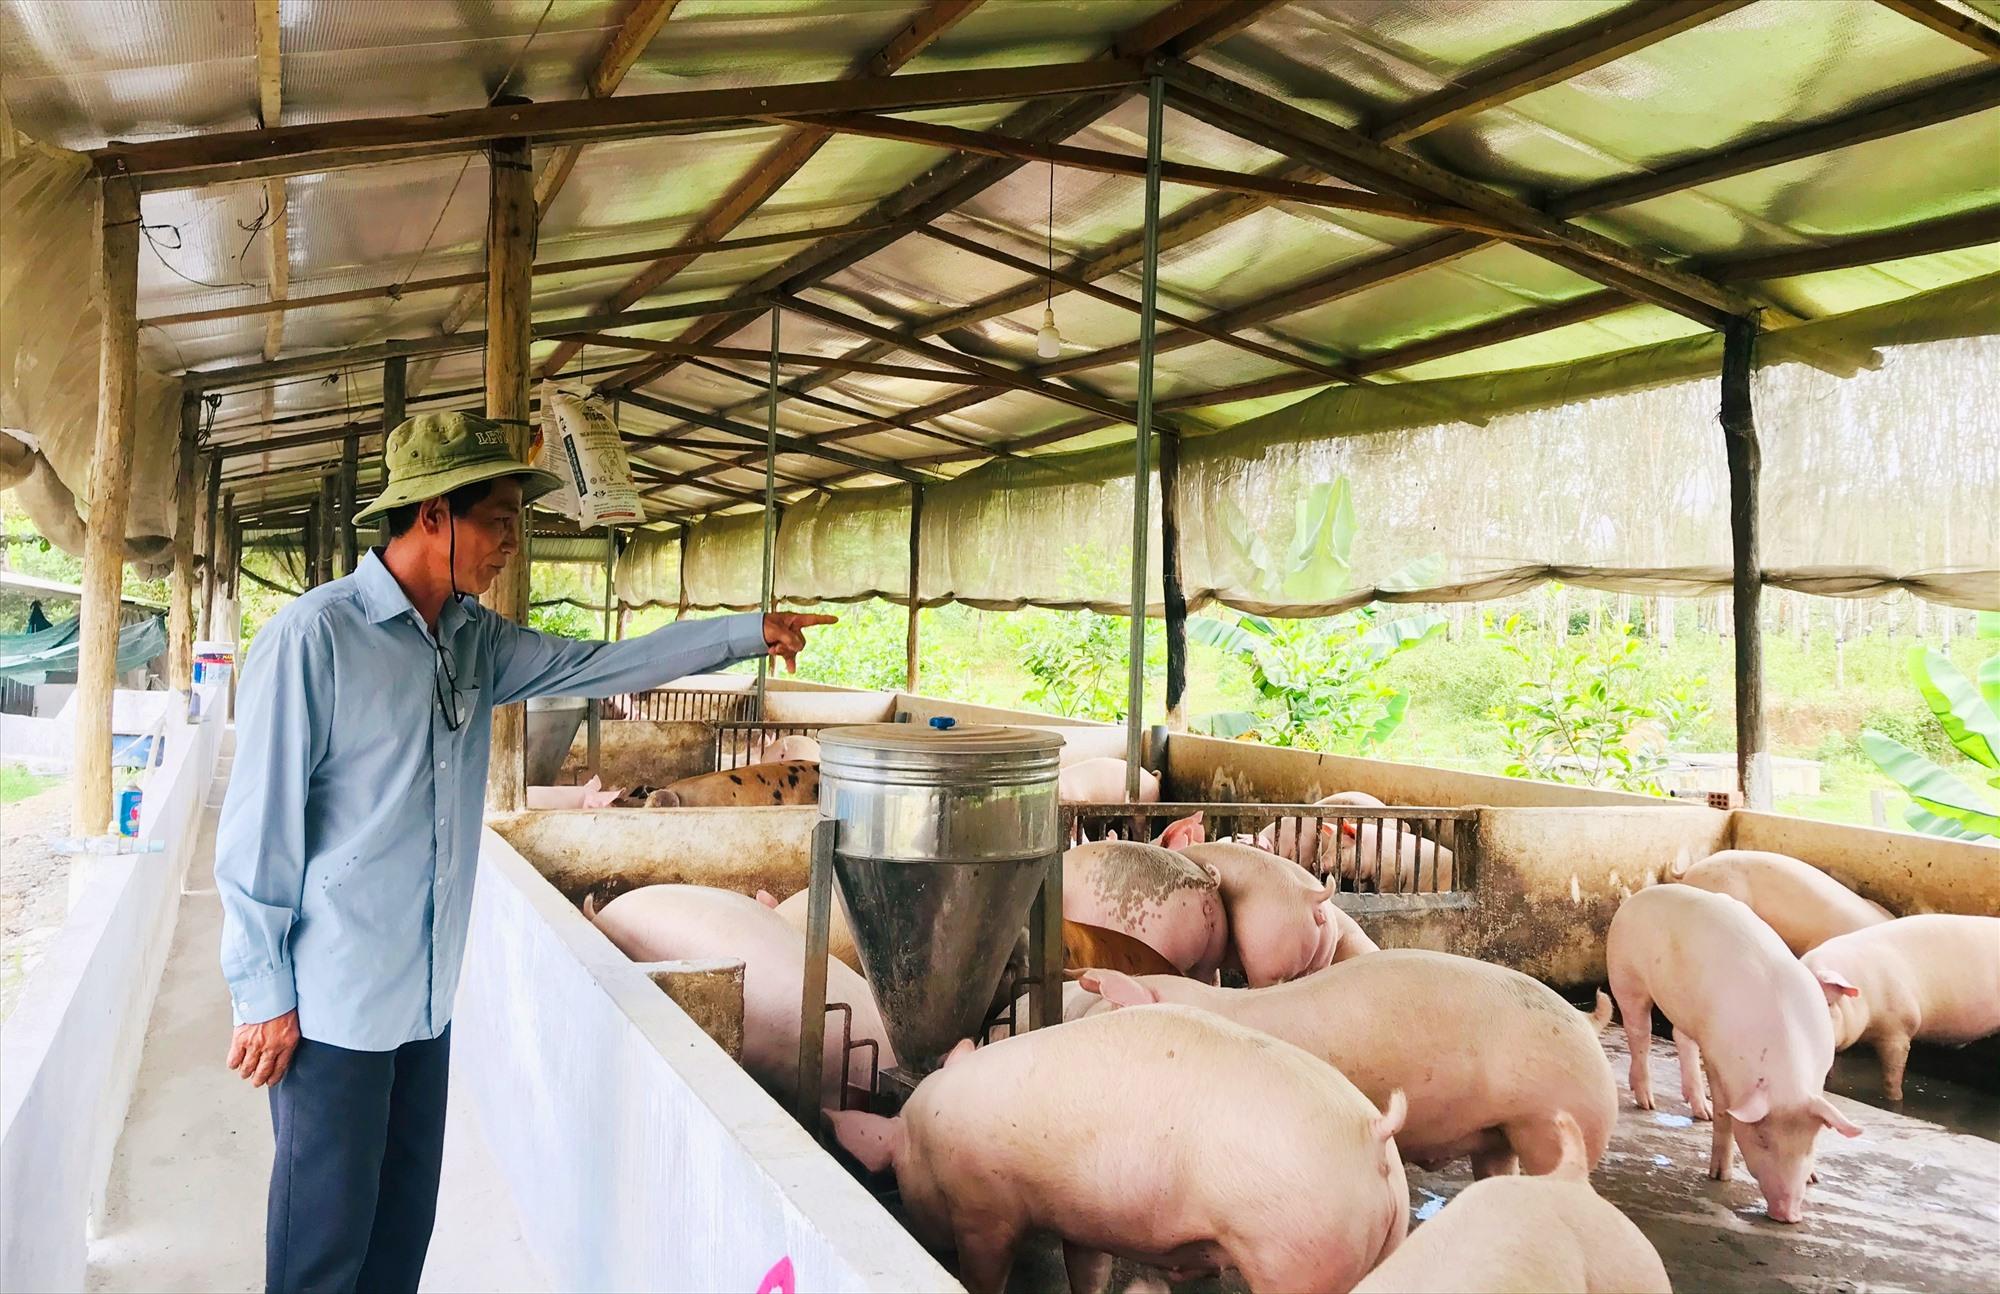 Ông Phan Phước Nhường (xã Hiệp Hòa, Hiệp Đức) chăm sóc vườn cây ăn quả. Ảnh: P.NMô hình chăn nuôi heo với số lượng lớn của ông Nhường mang lại hiệu quả kinh tế cao. Ảnh: P.N